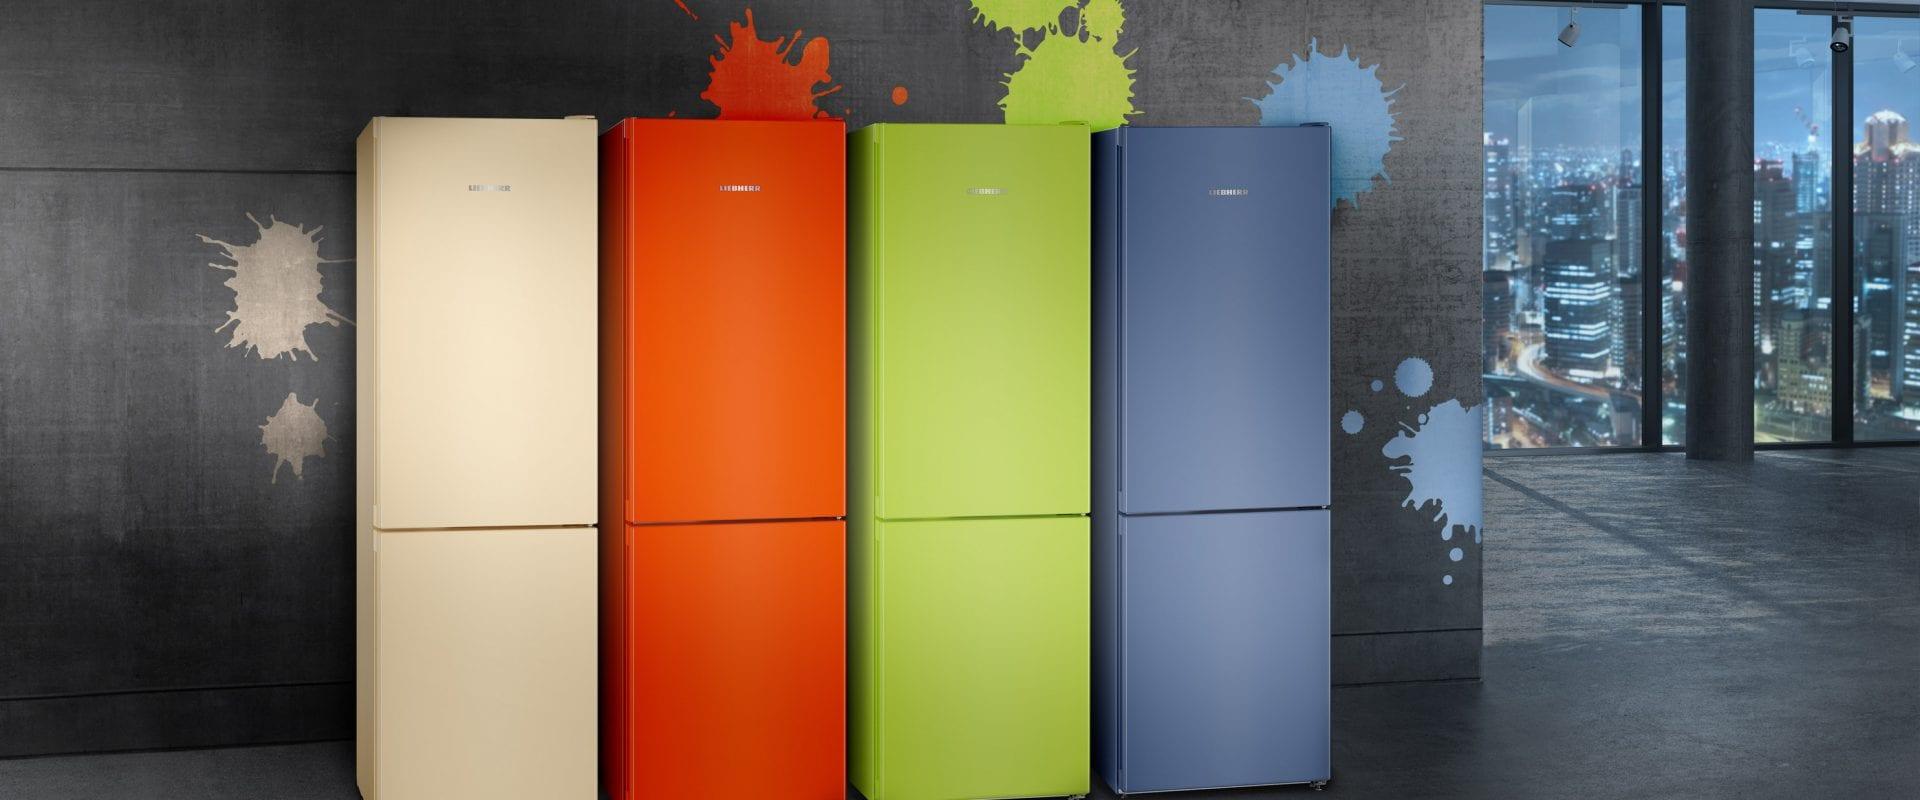 8449Полезные советы по использованию холодильника